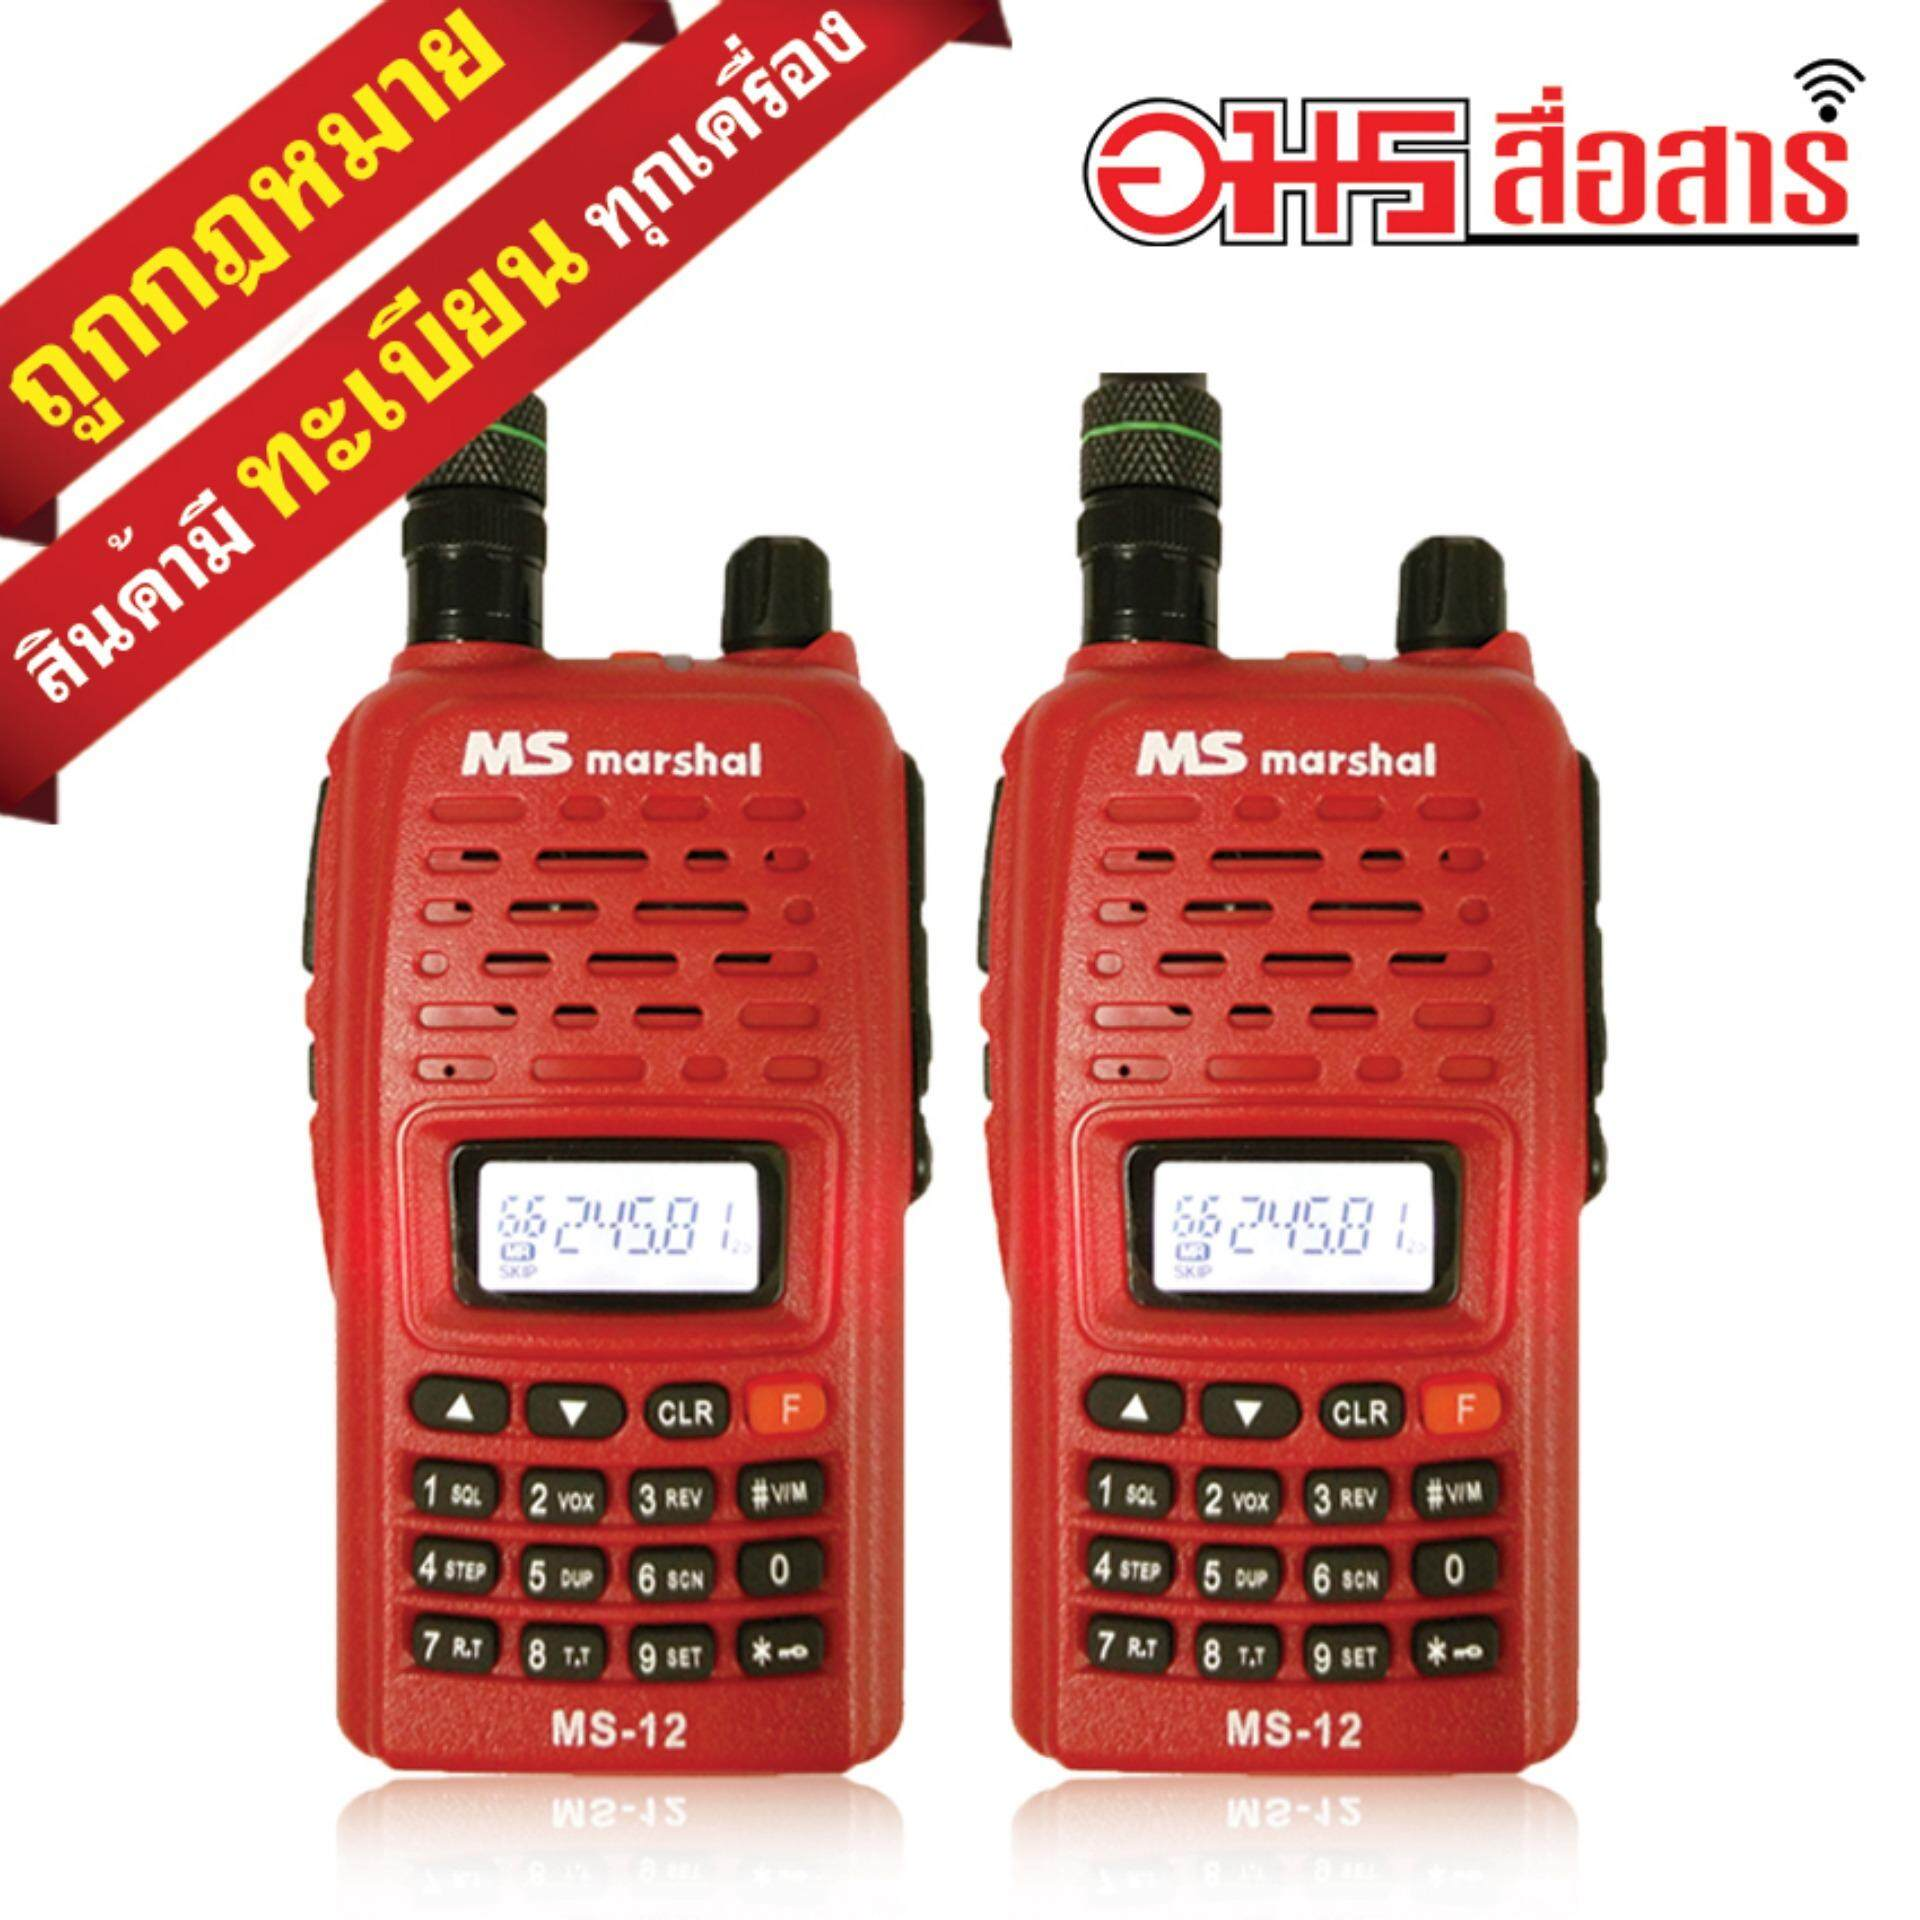 ราคา Ms Marshal วิทยุสื่อสาร 5W Ms 12 สีแดง แพ็คคู่ Walkie Talkie Walkie Talkie อมรสื่อสาร ใหม่